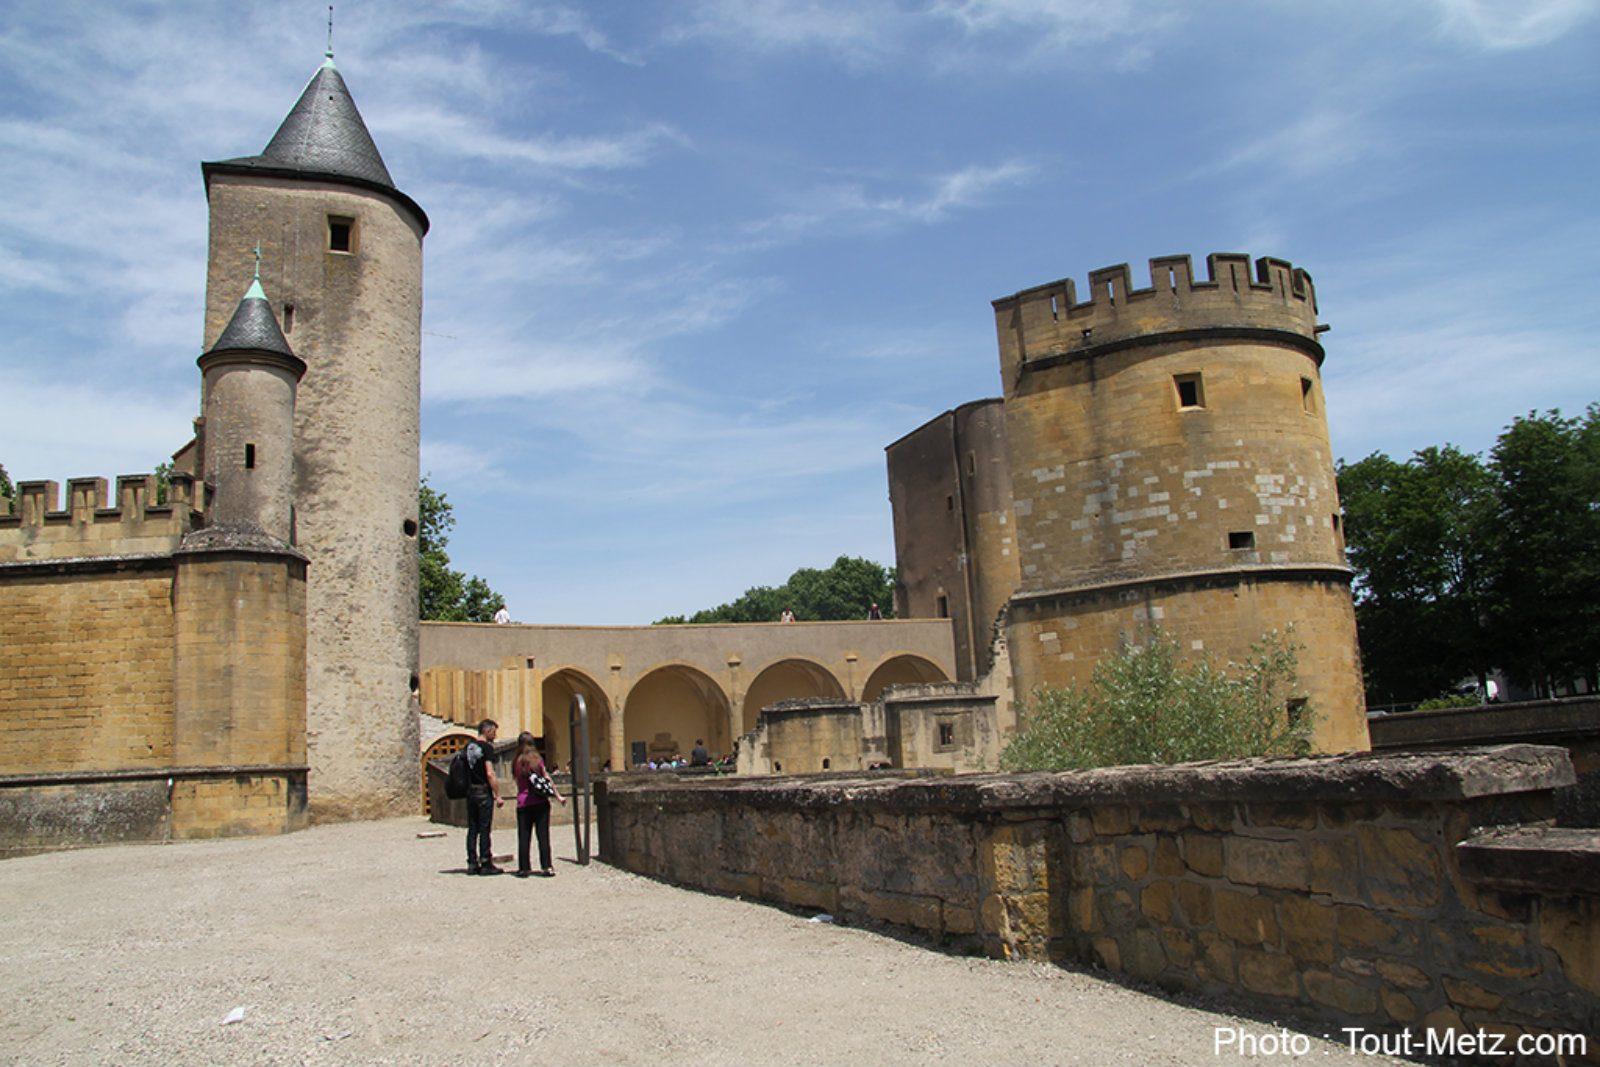 Journées du patrimoine à Metz : la ville lance un appel à bénévolat